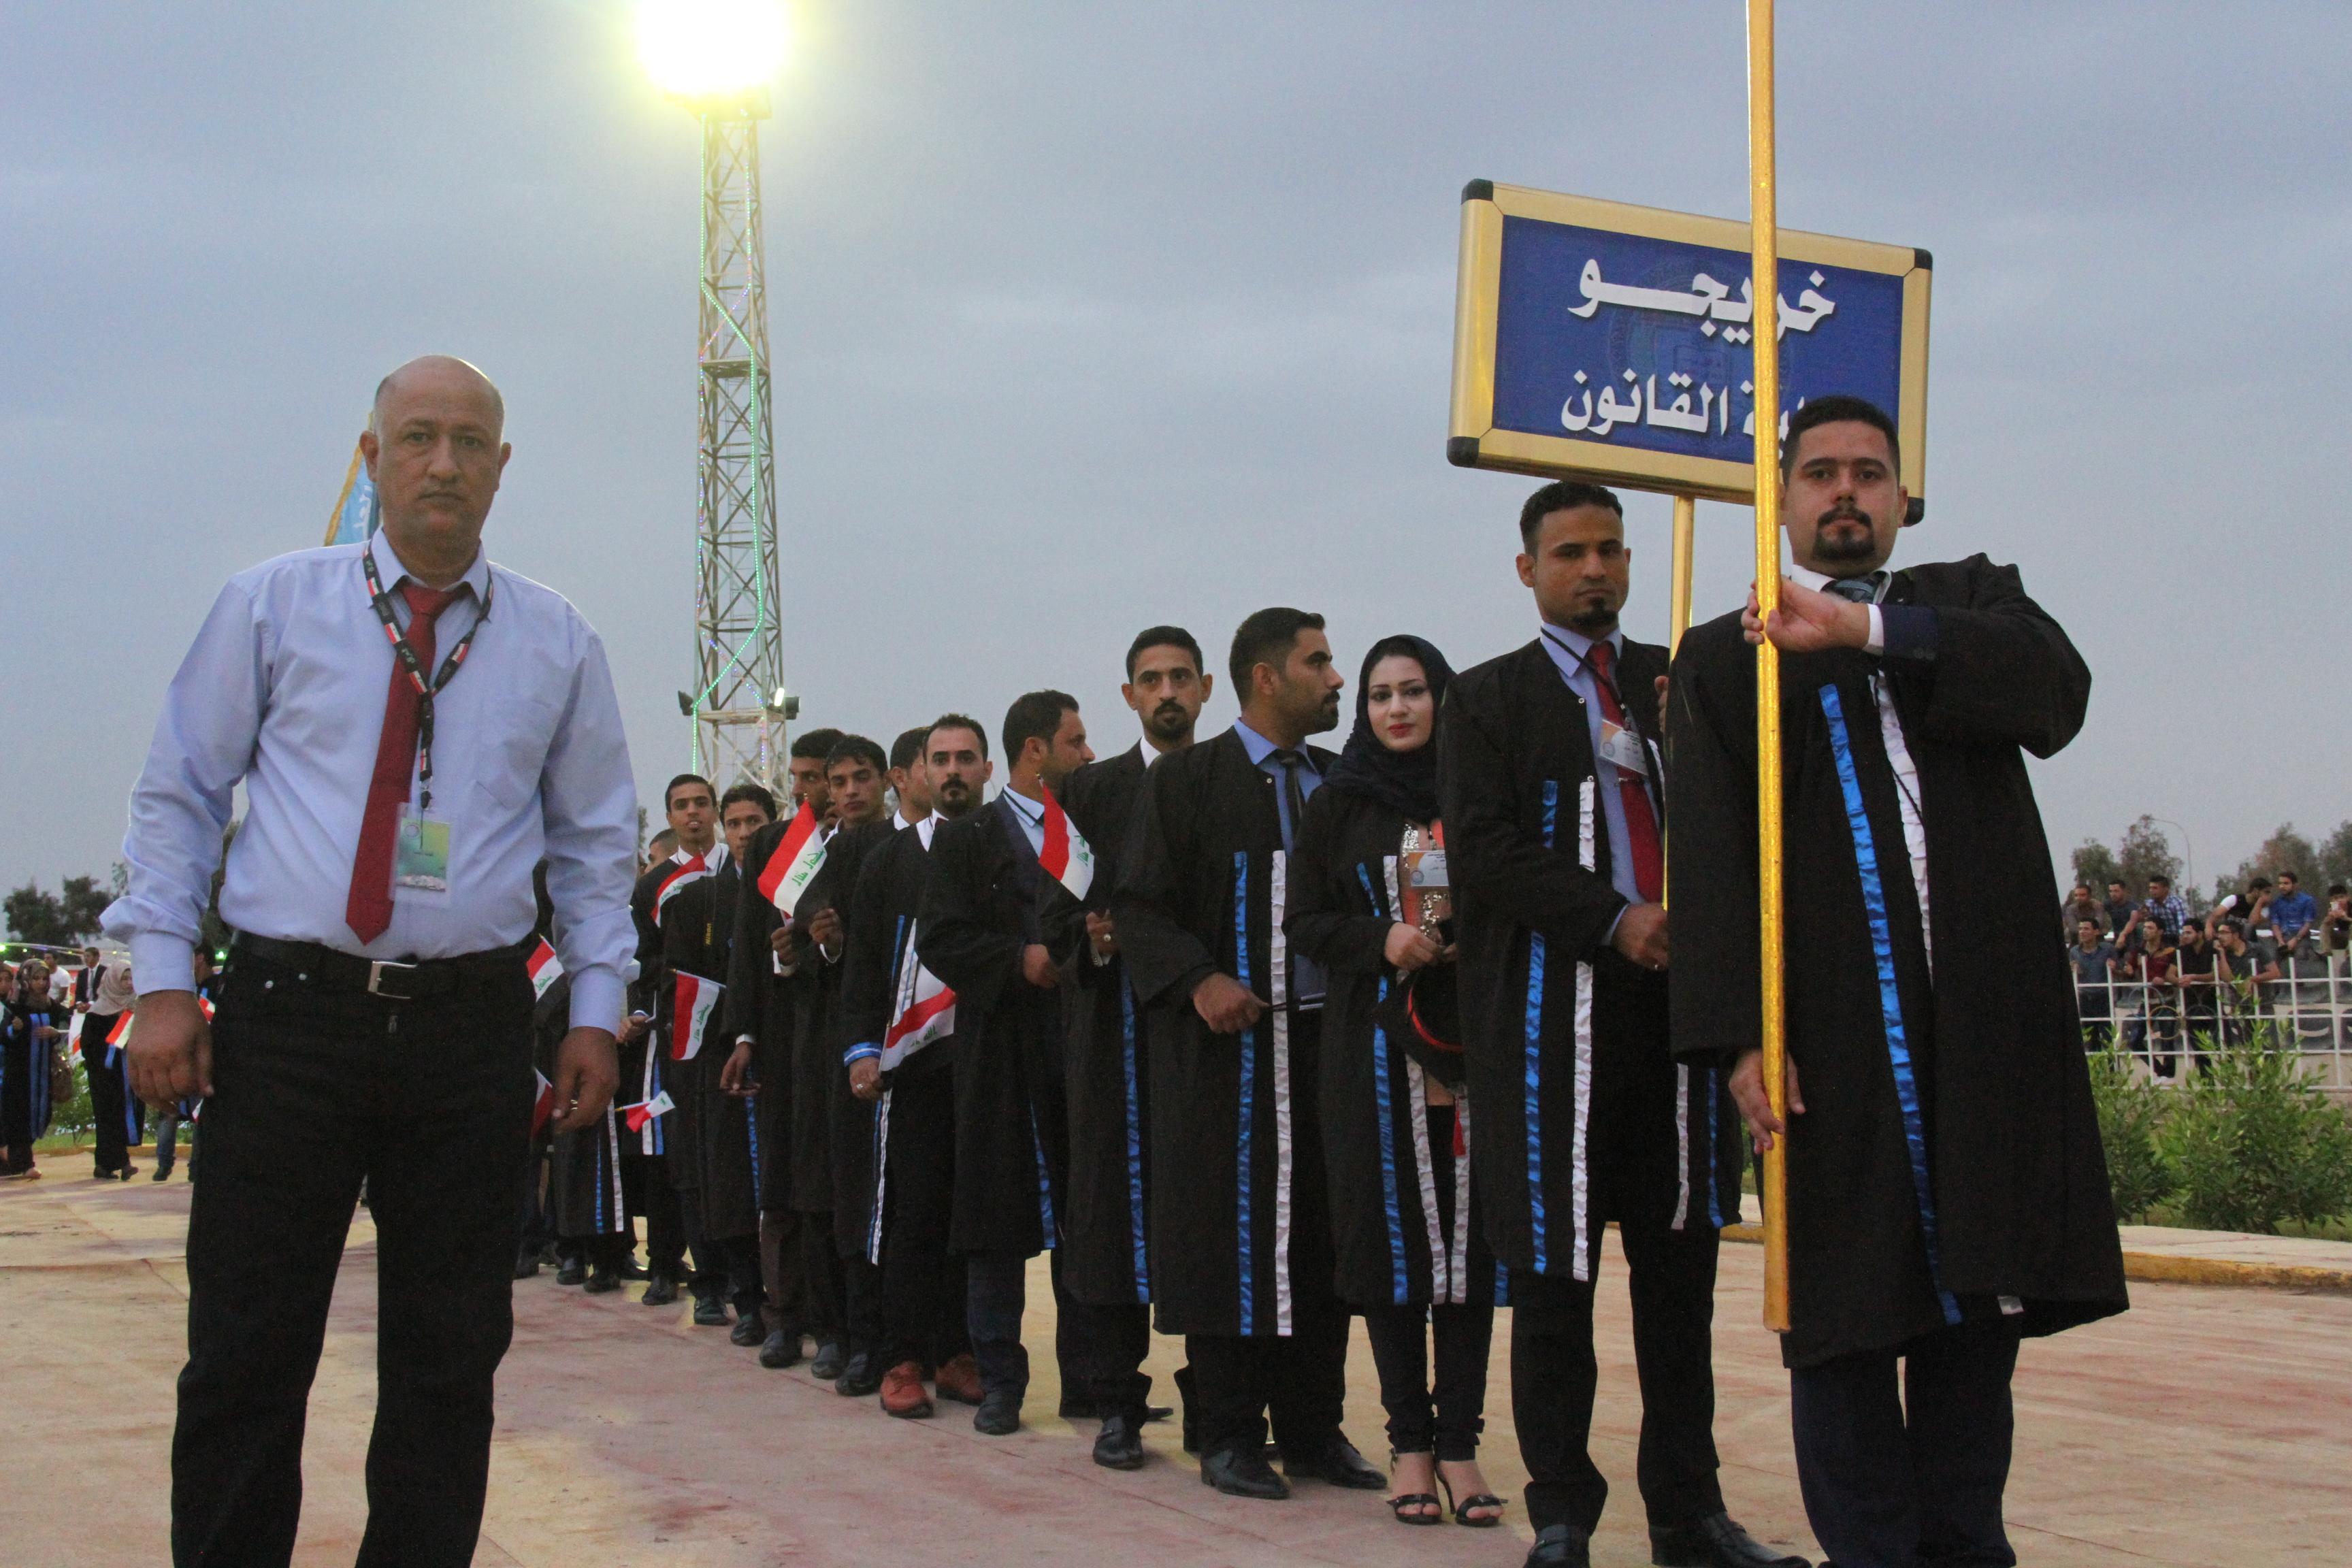 جامعة القادسية تحتفل بتخرج دورة السلام والتنمية